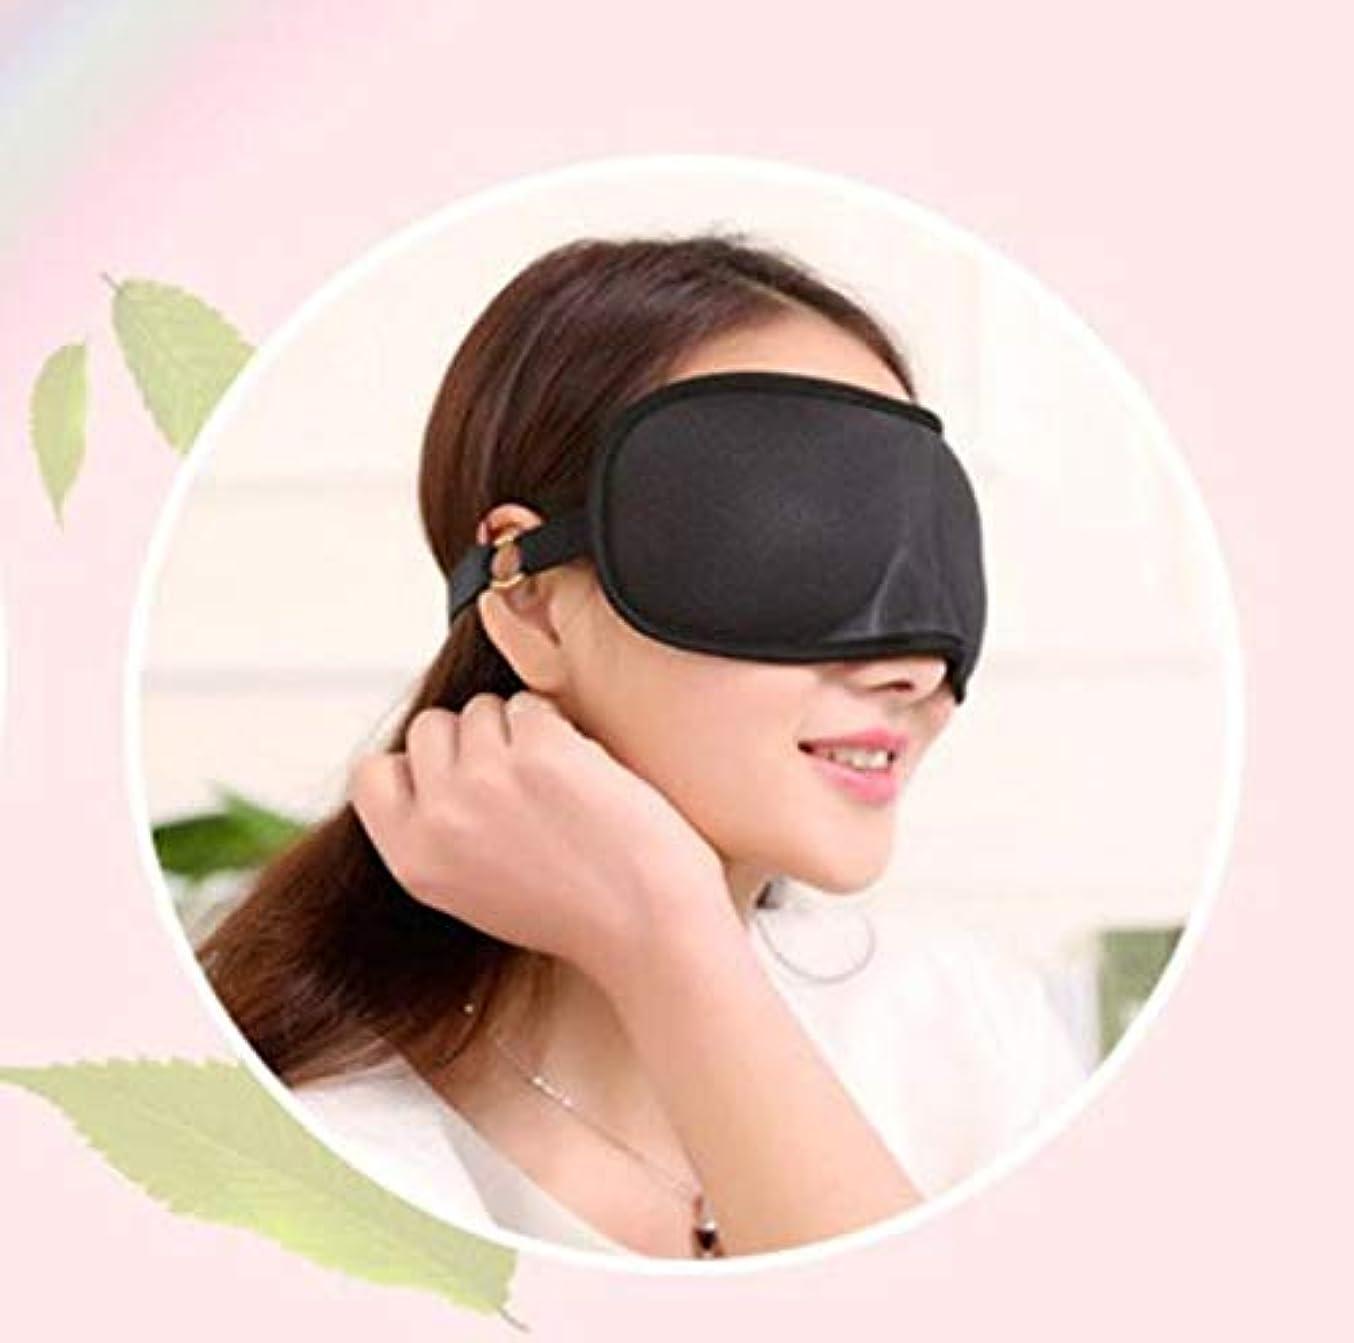 離す引き渡す情熱的NOTE HANRIVER 3D超ソフト通気性ファブリックアイシェード睡眠マスクポータブル旅行睡眠休息補助マスクカバーアイパッチ睡眠マスク